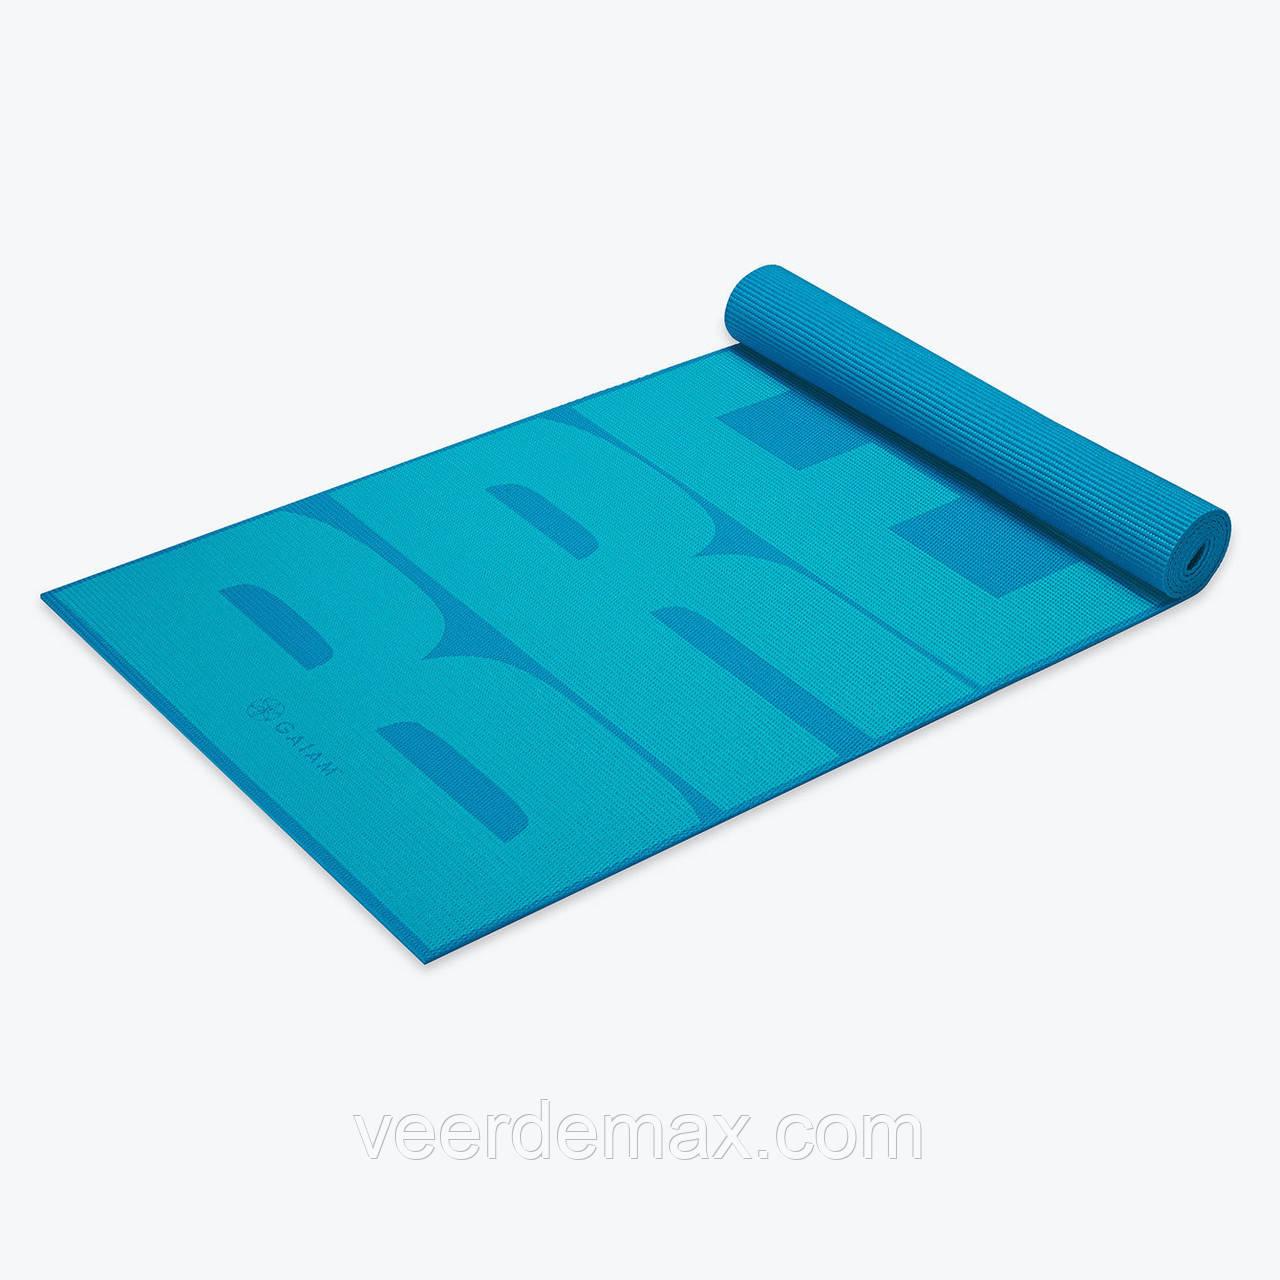 """Коврик для йоги """"BREATHE"""" YOGA MAT (5мм) американской фирмы Gaiam"""